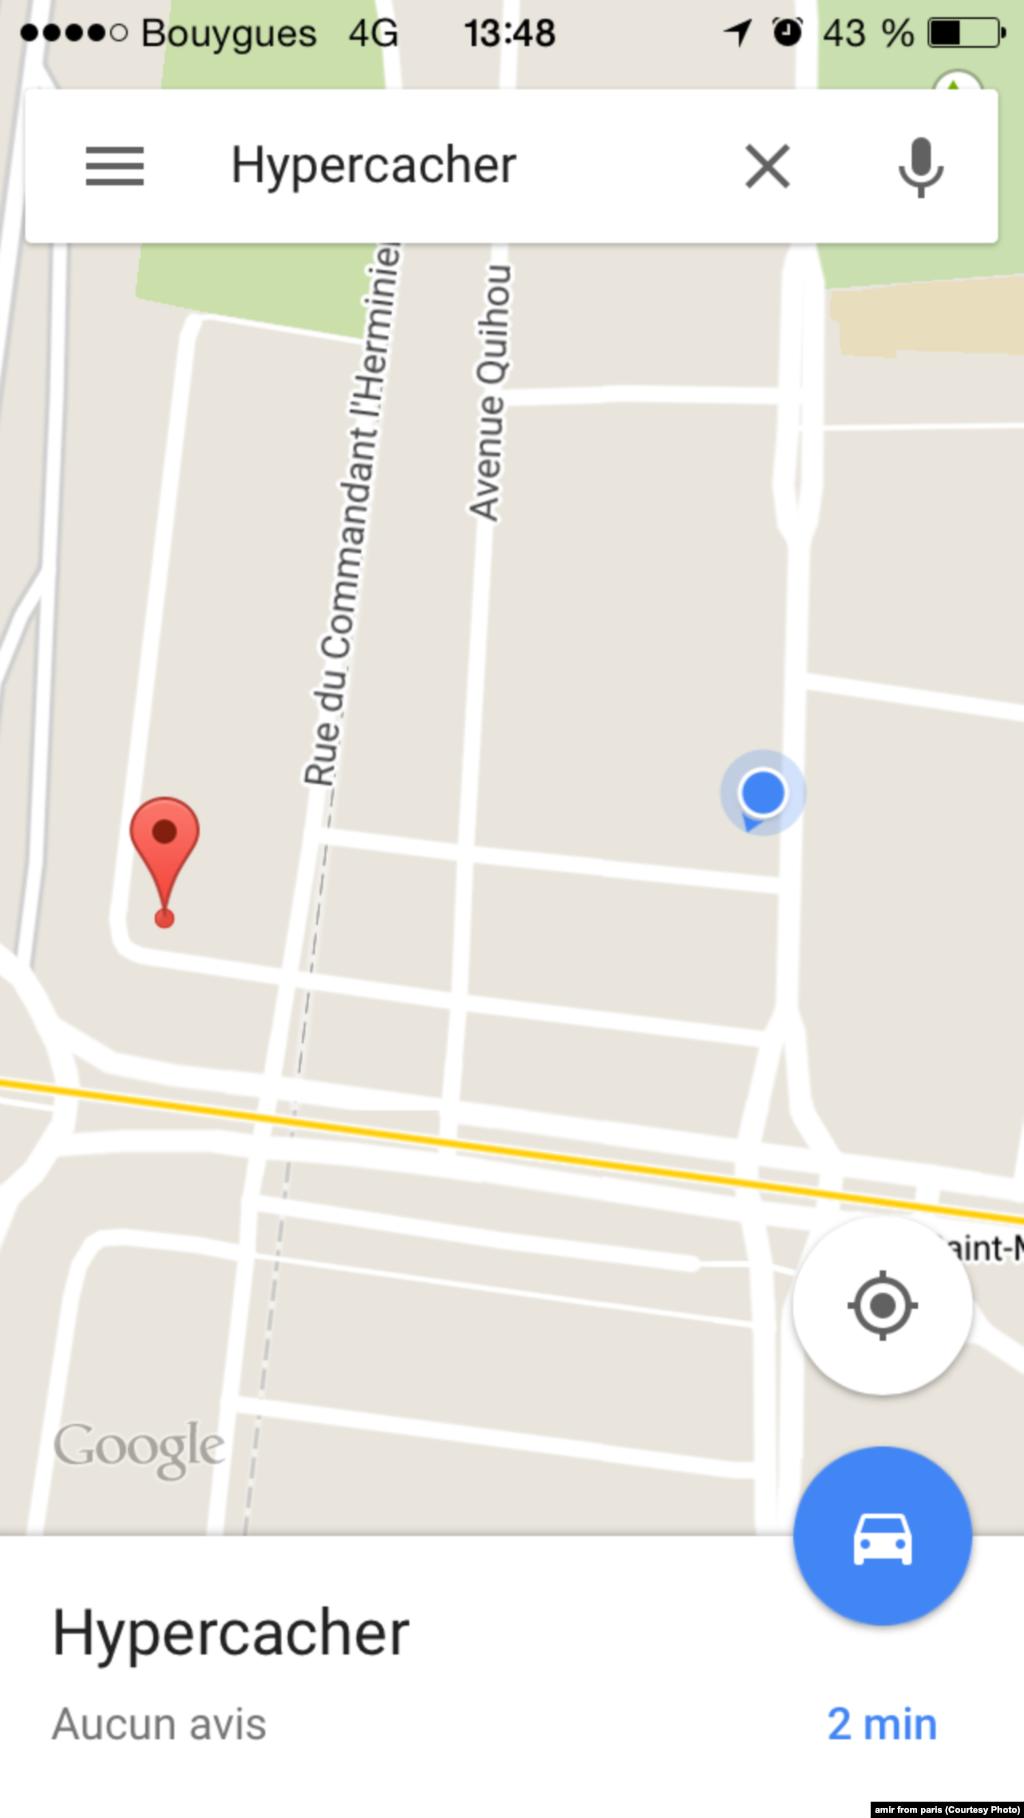 محل گروگانگیری امروز در یک سوپرمارکت در پاریس روی نقشه.